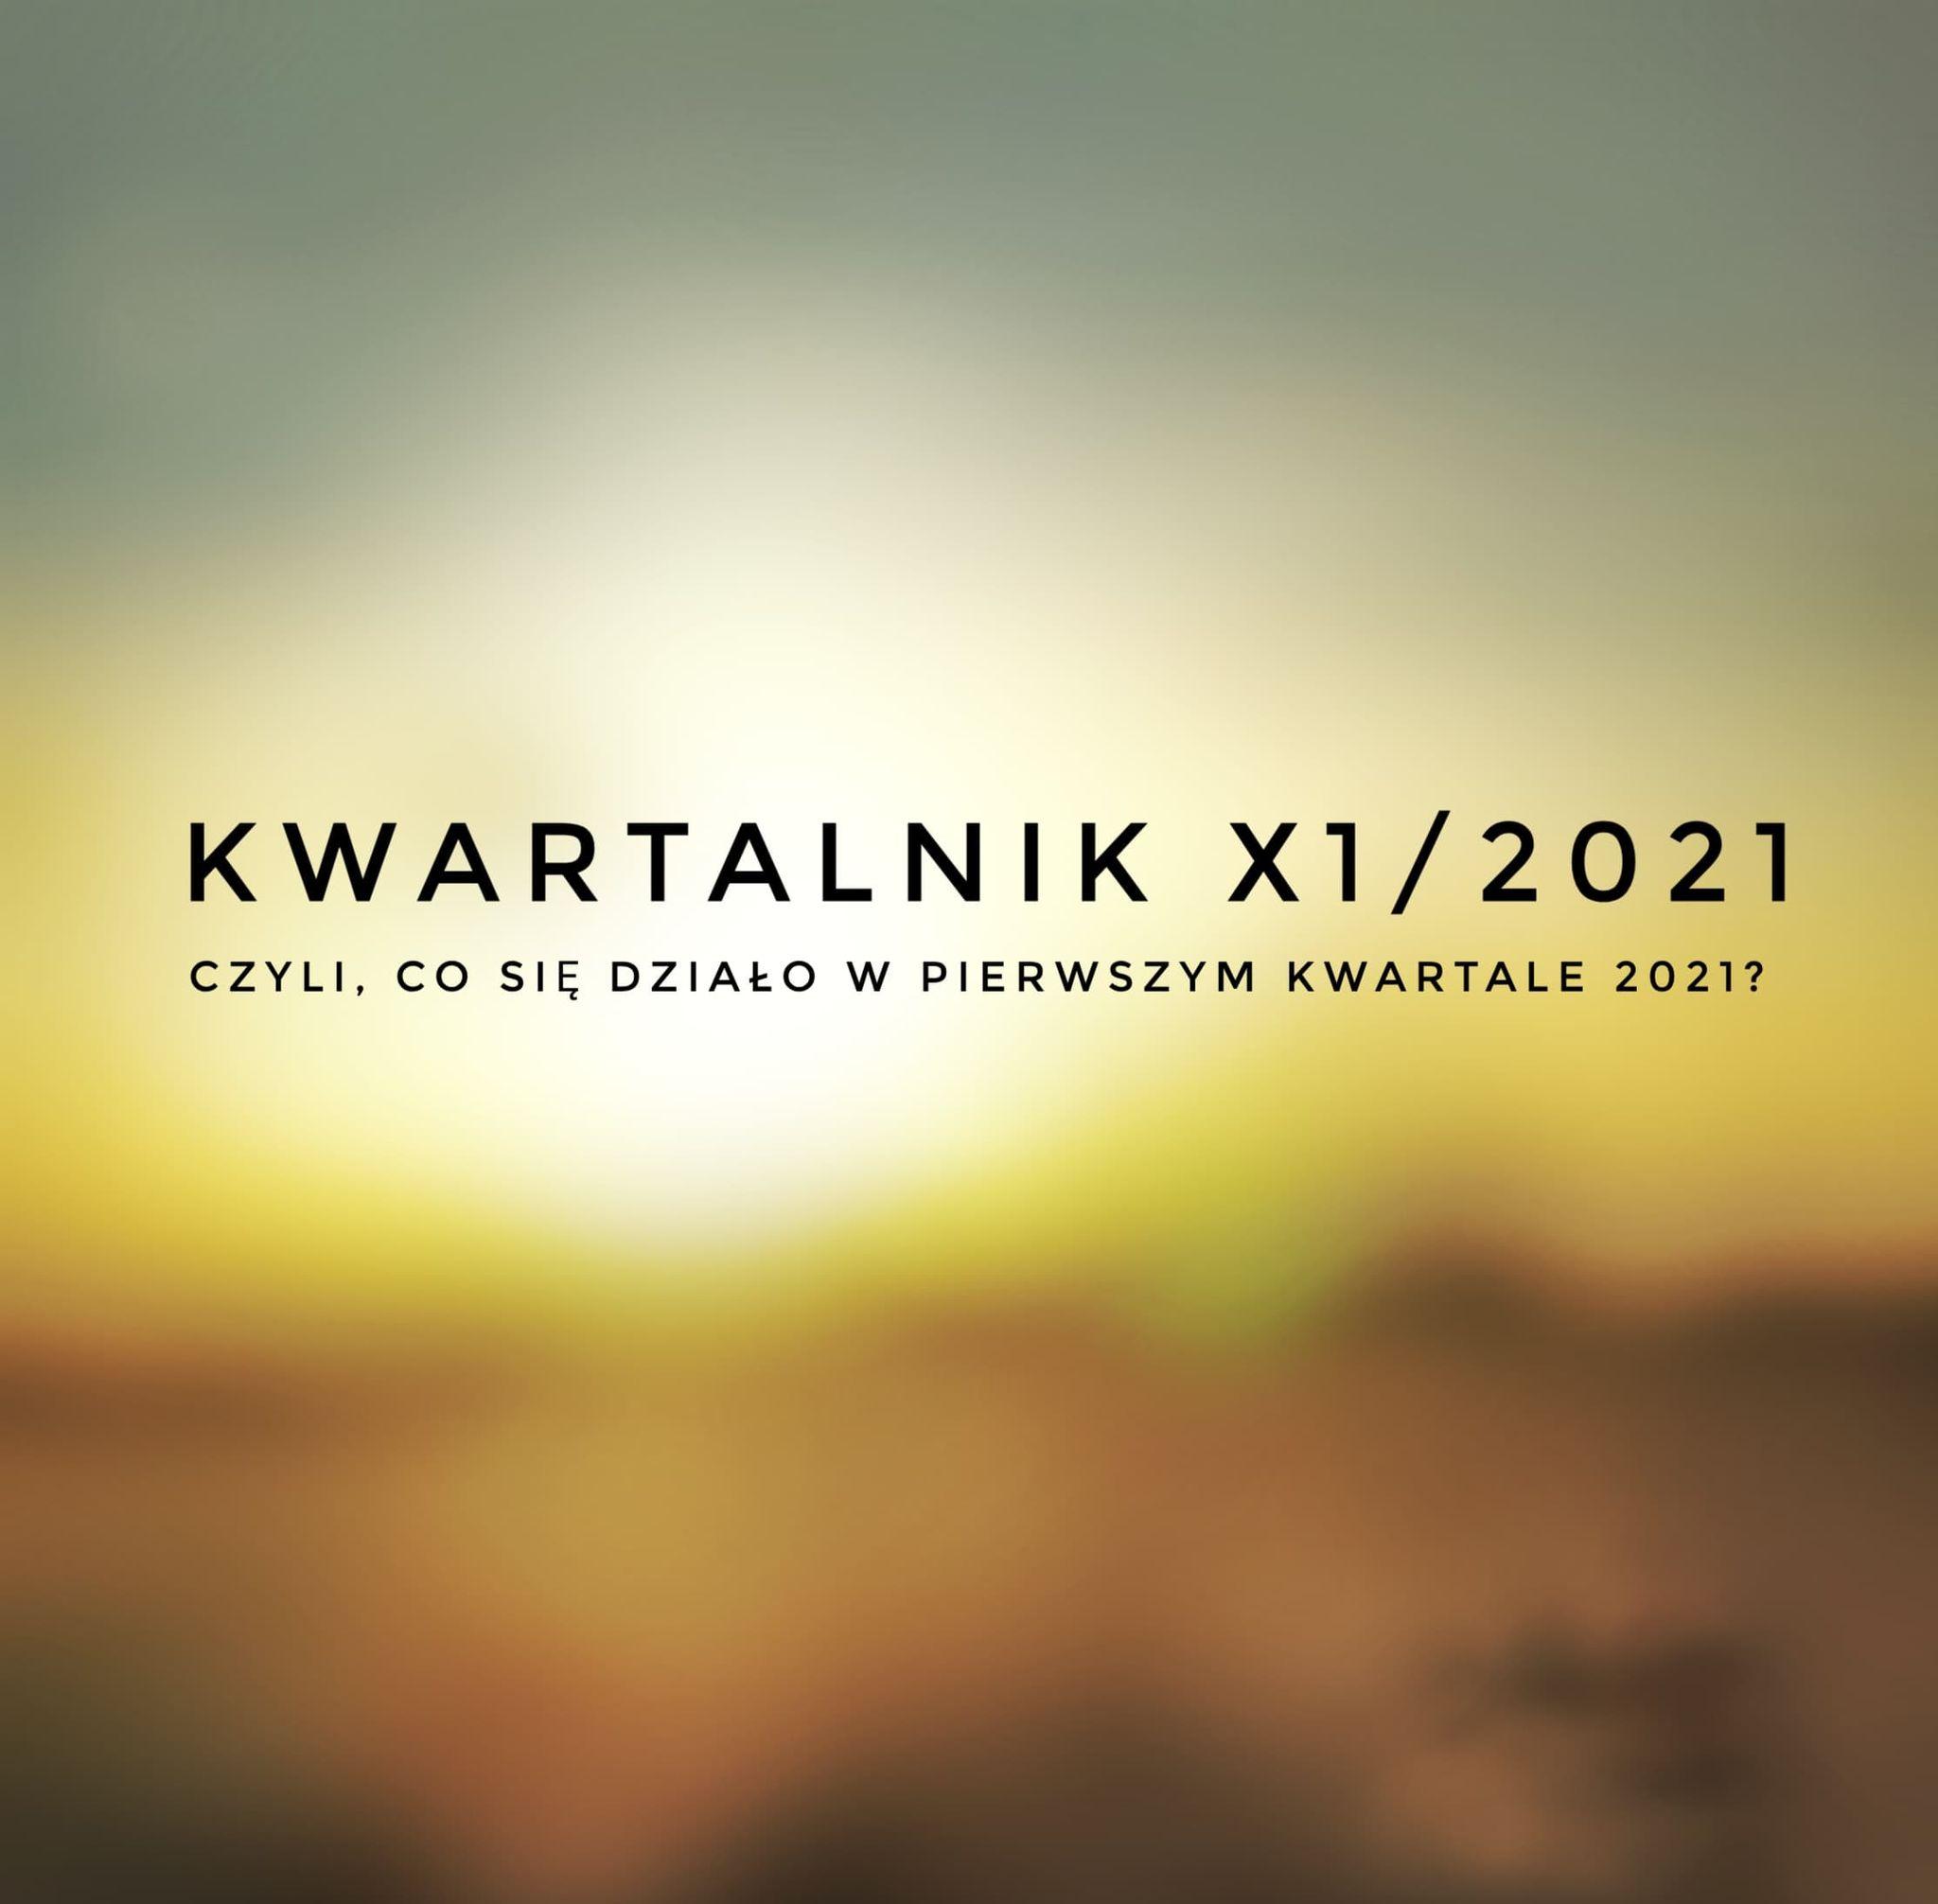 Kwartalnik x1| 2021